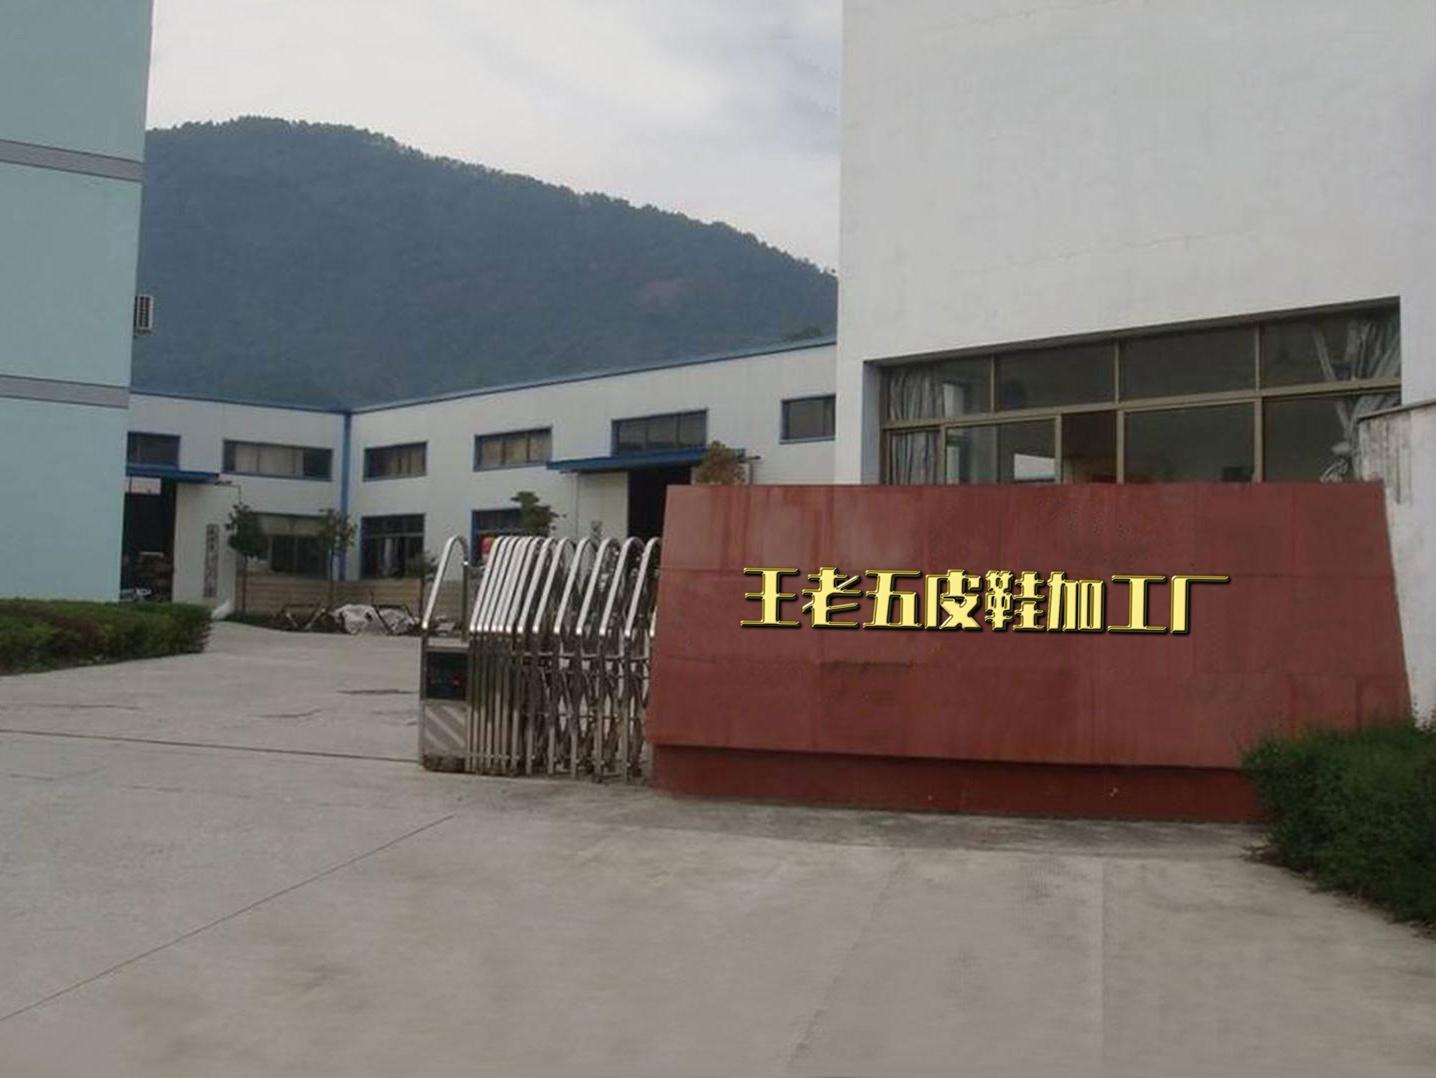 工厂大门写字